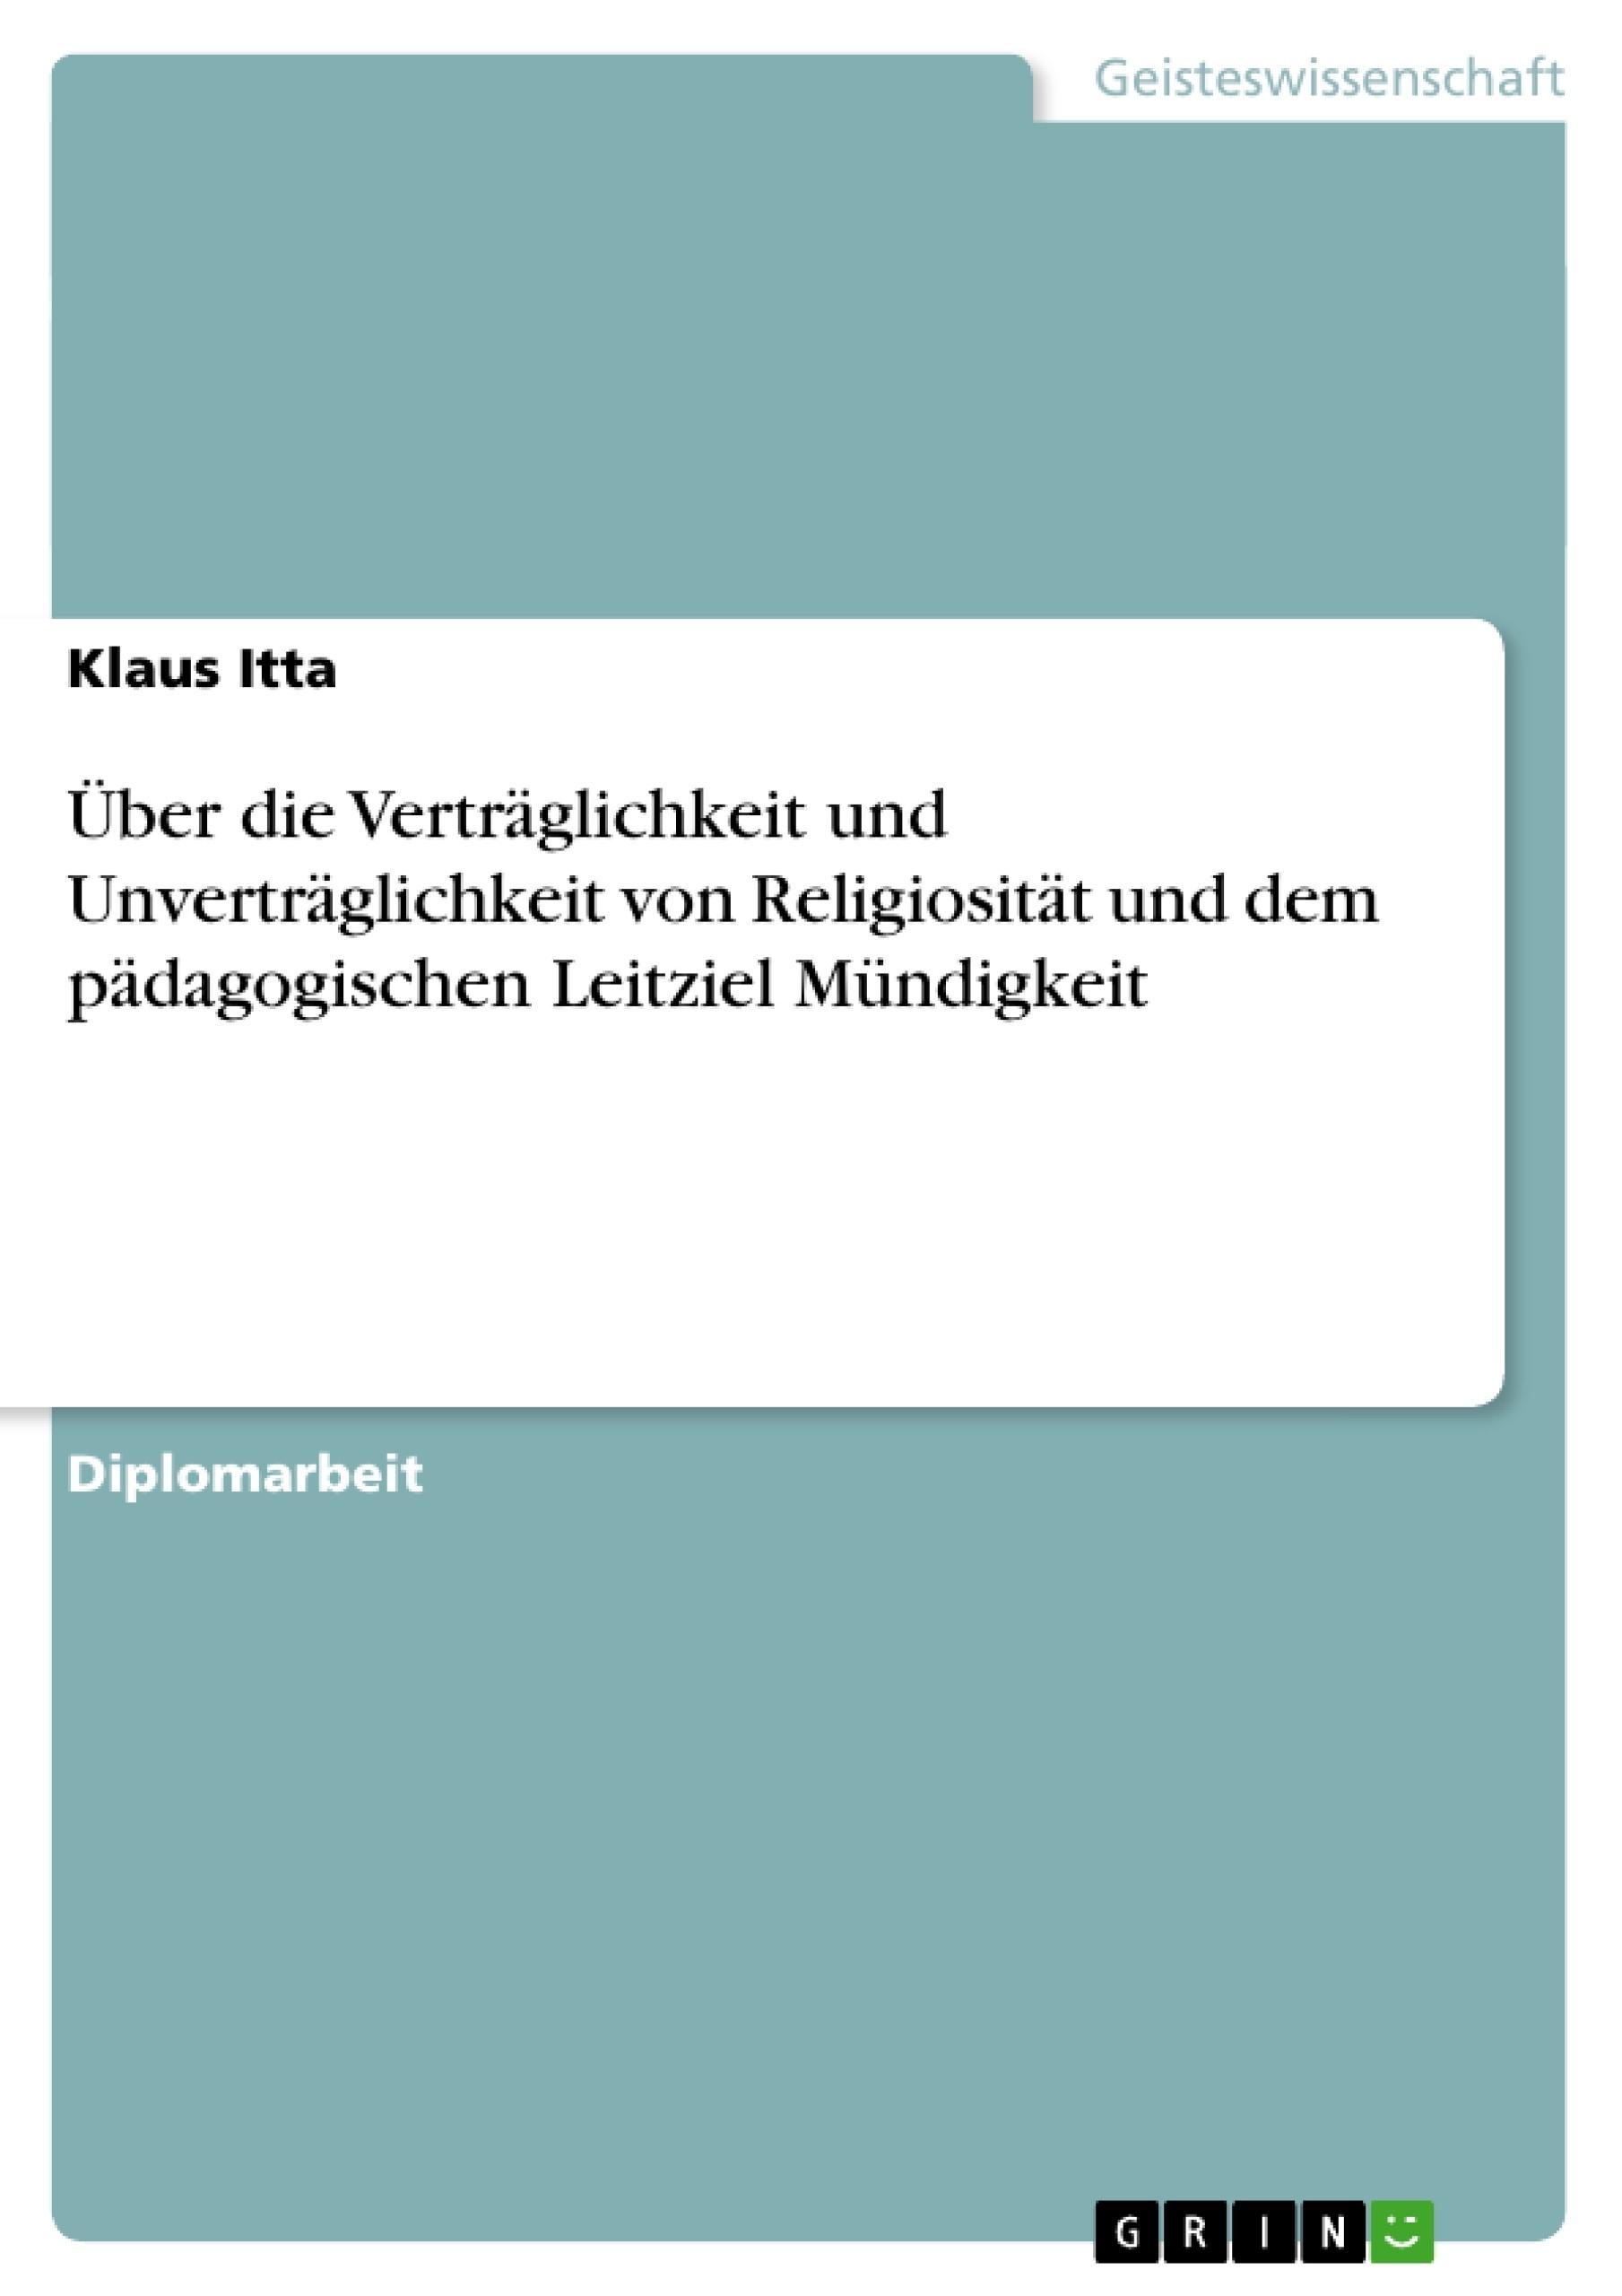 Titel: Über die Verträglichkeit und Unverträglichkeit von Religiosität und dem pädagogischen Leitziel Mündigkeit